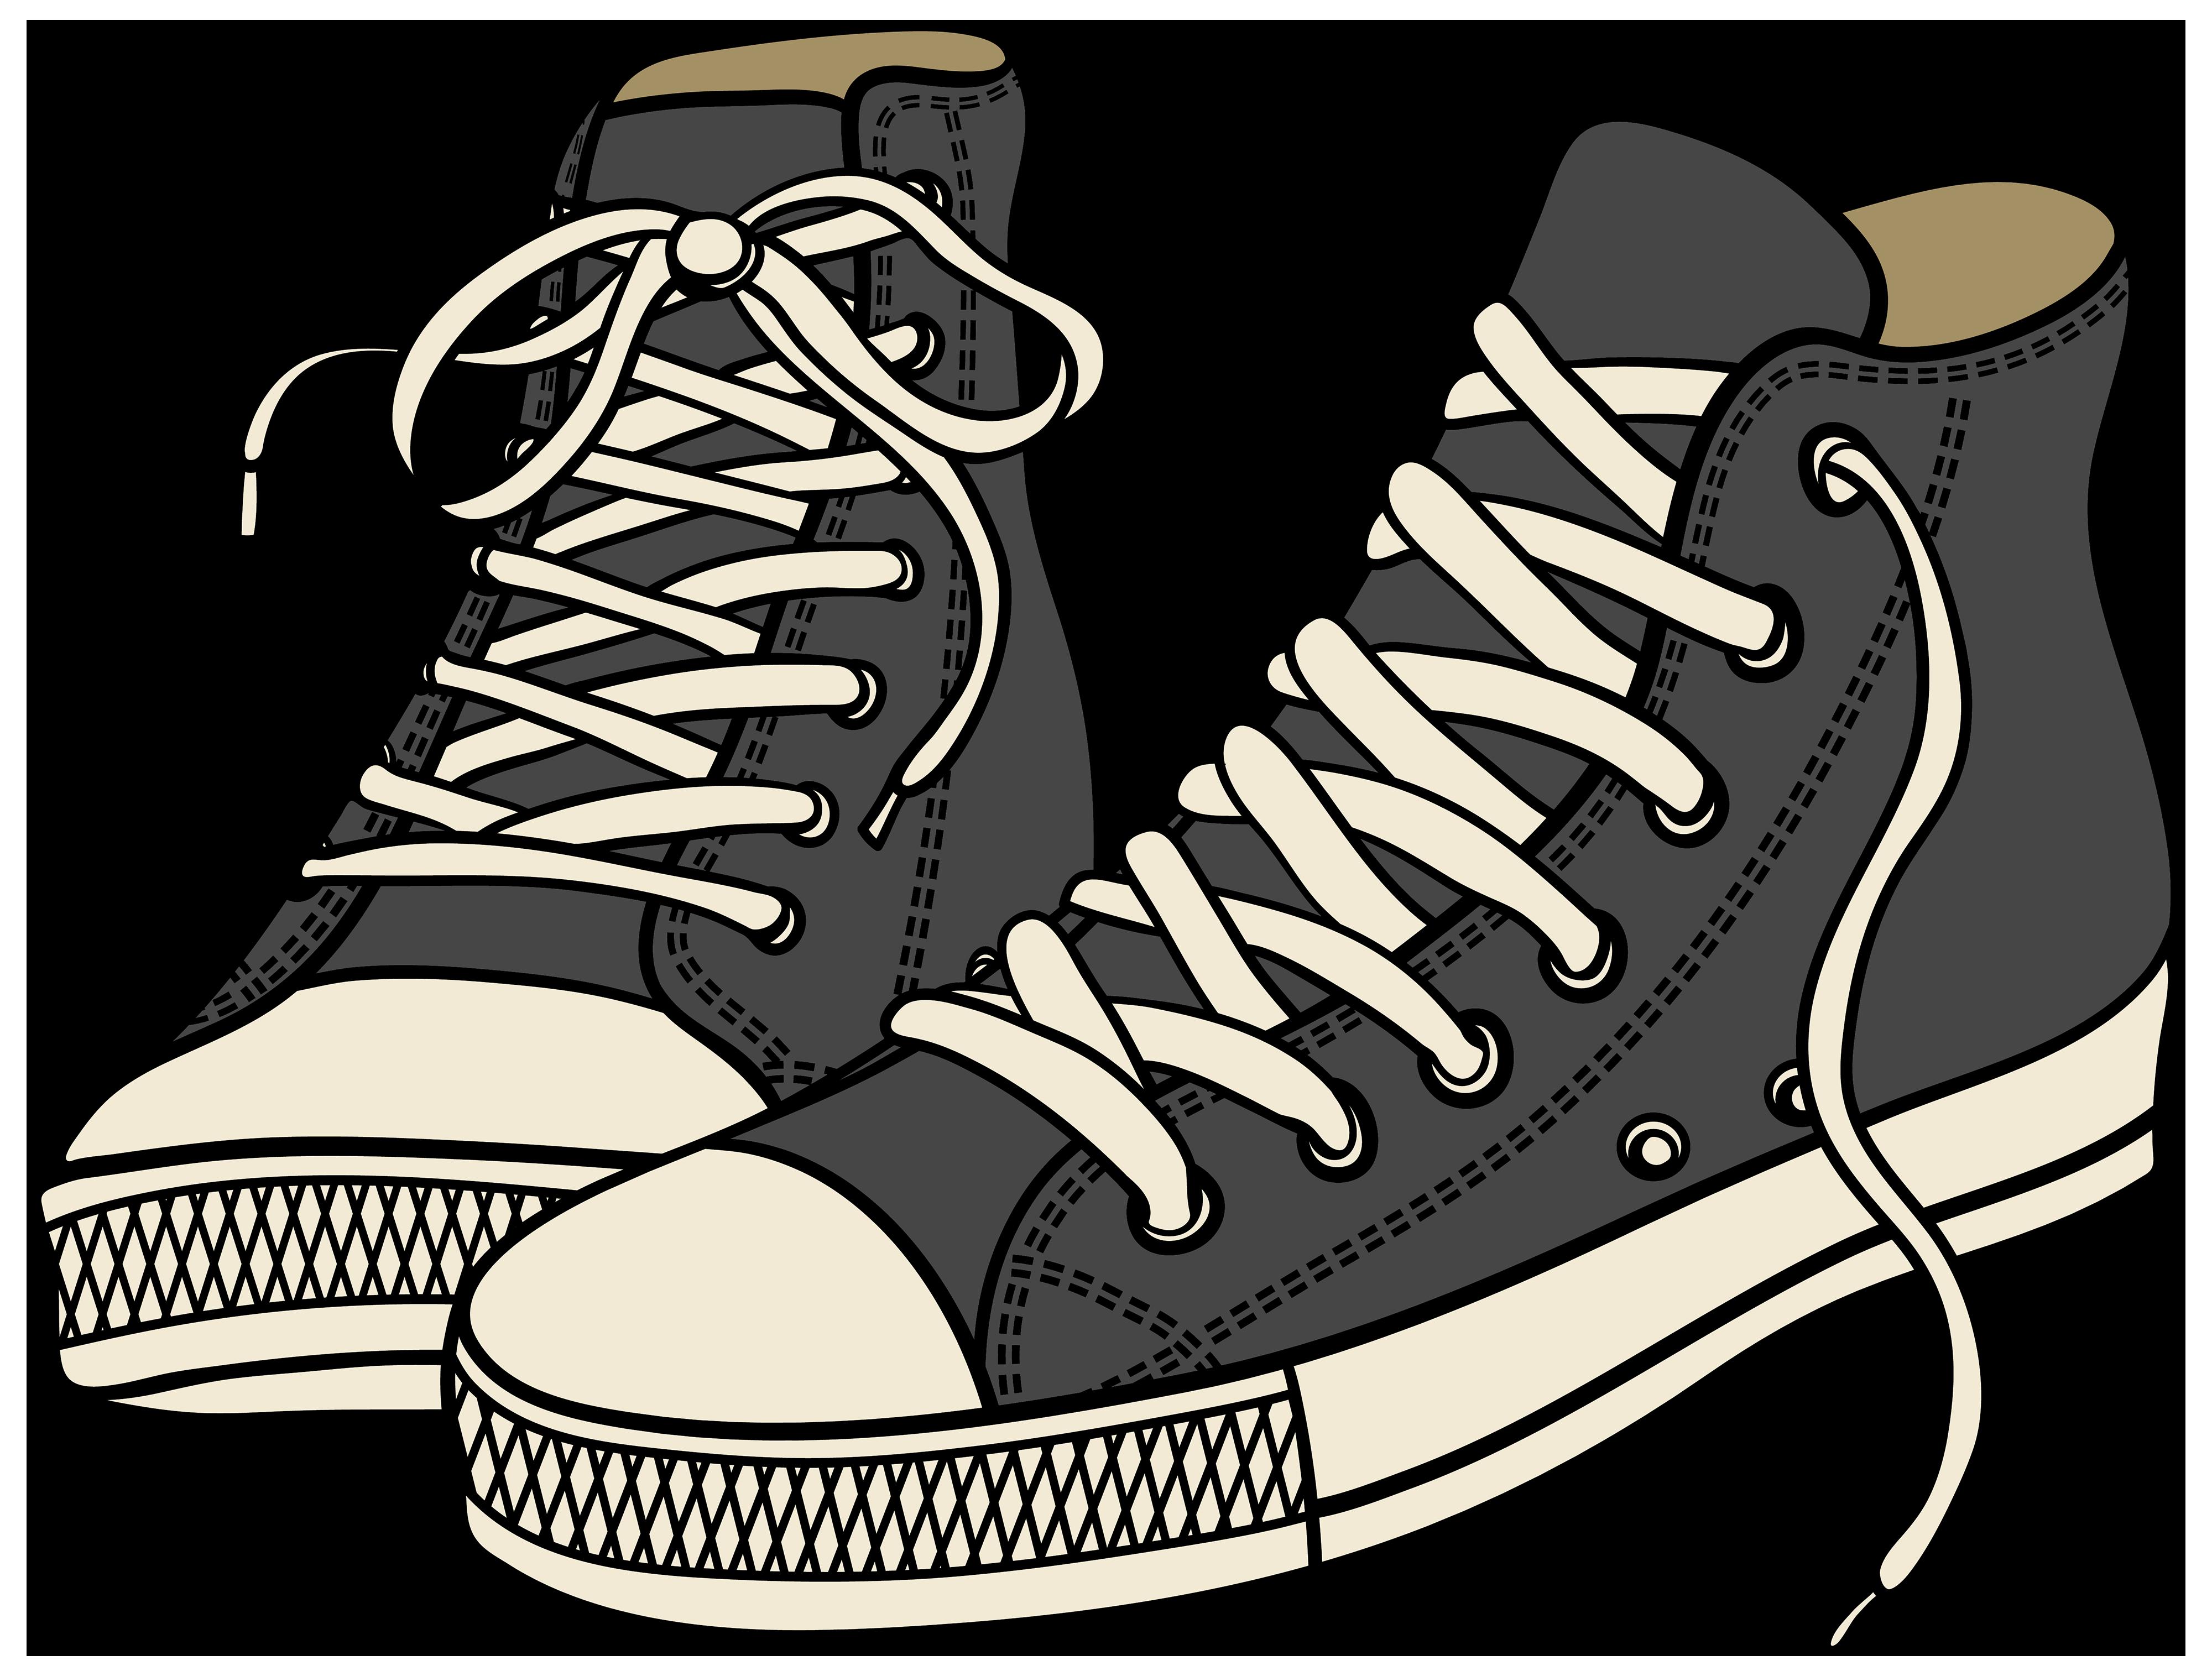 Shoes Clipart Images.